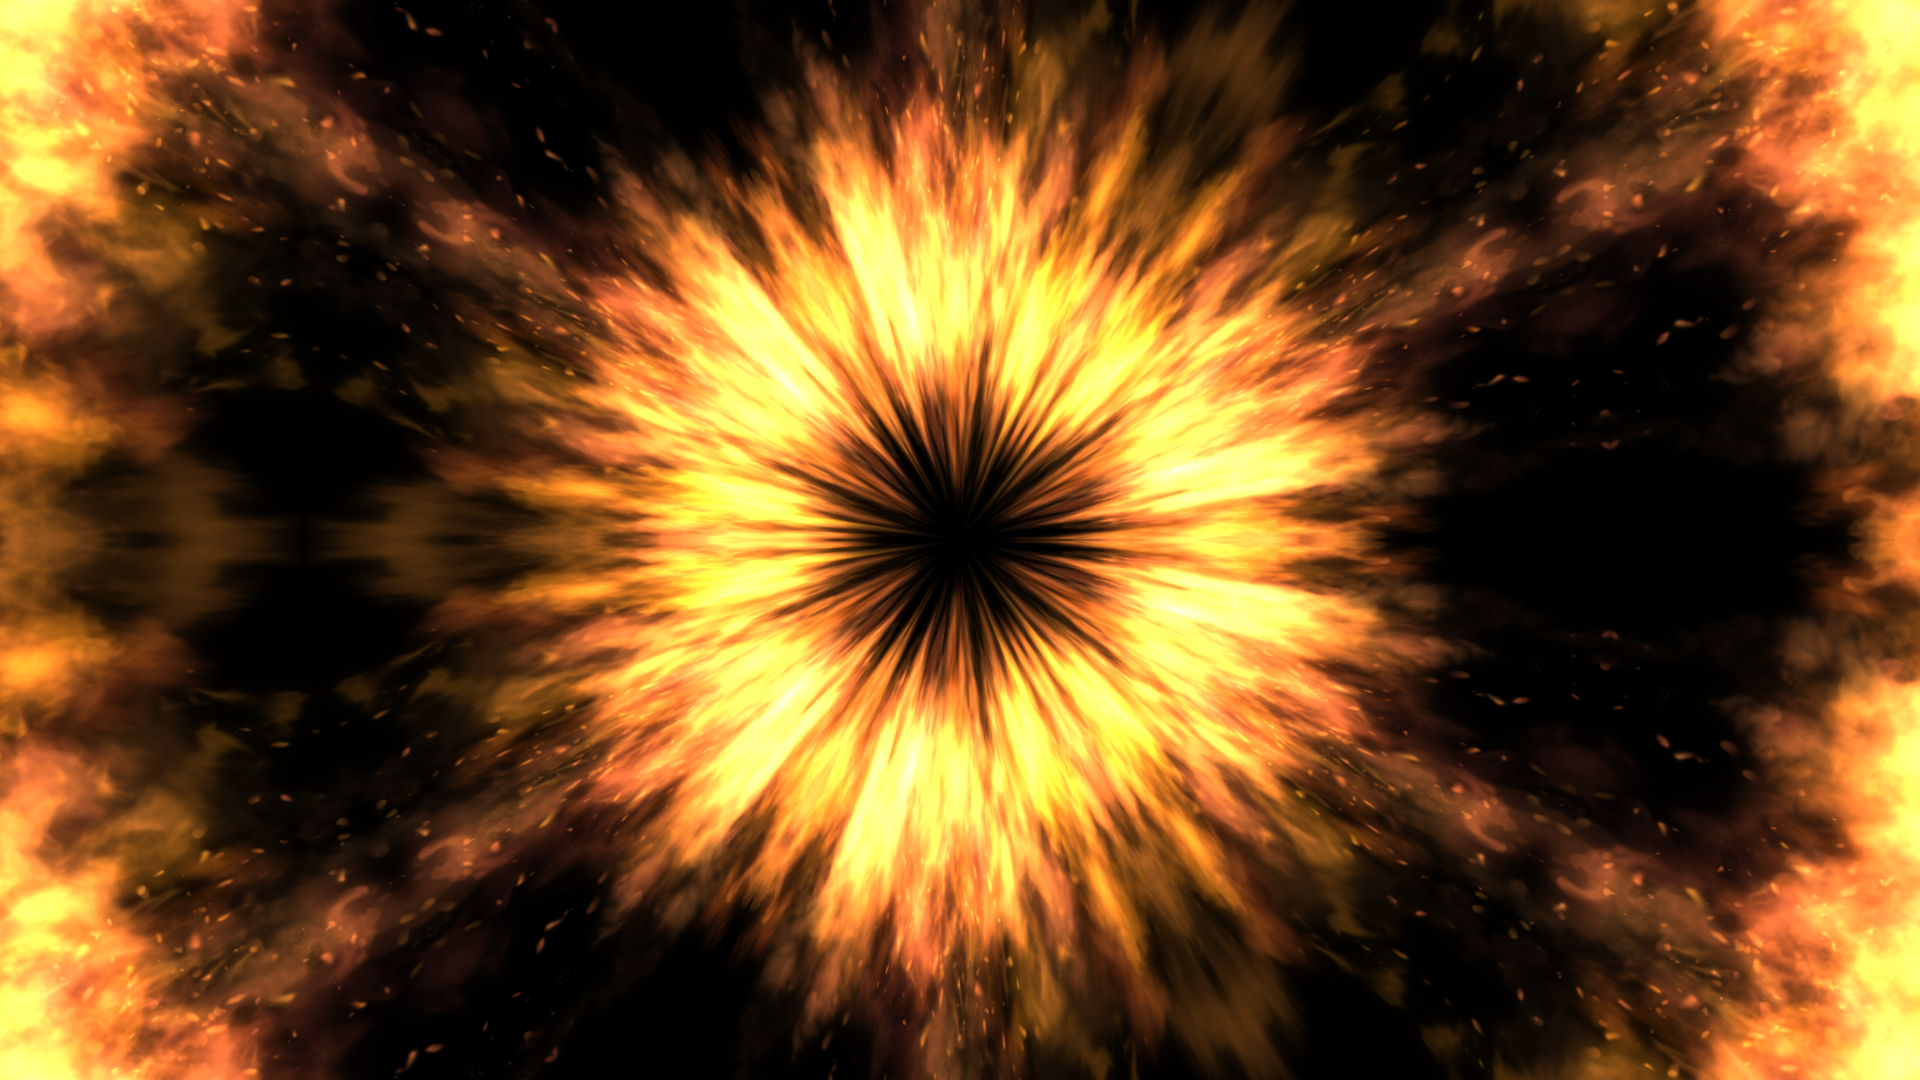 ファイヤー集中線-炎の魔法エフェクト